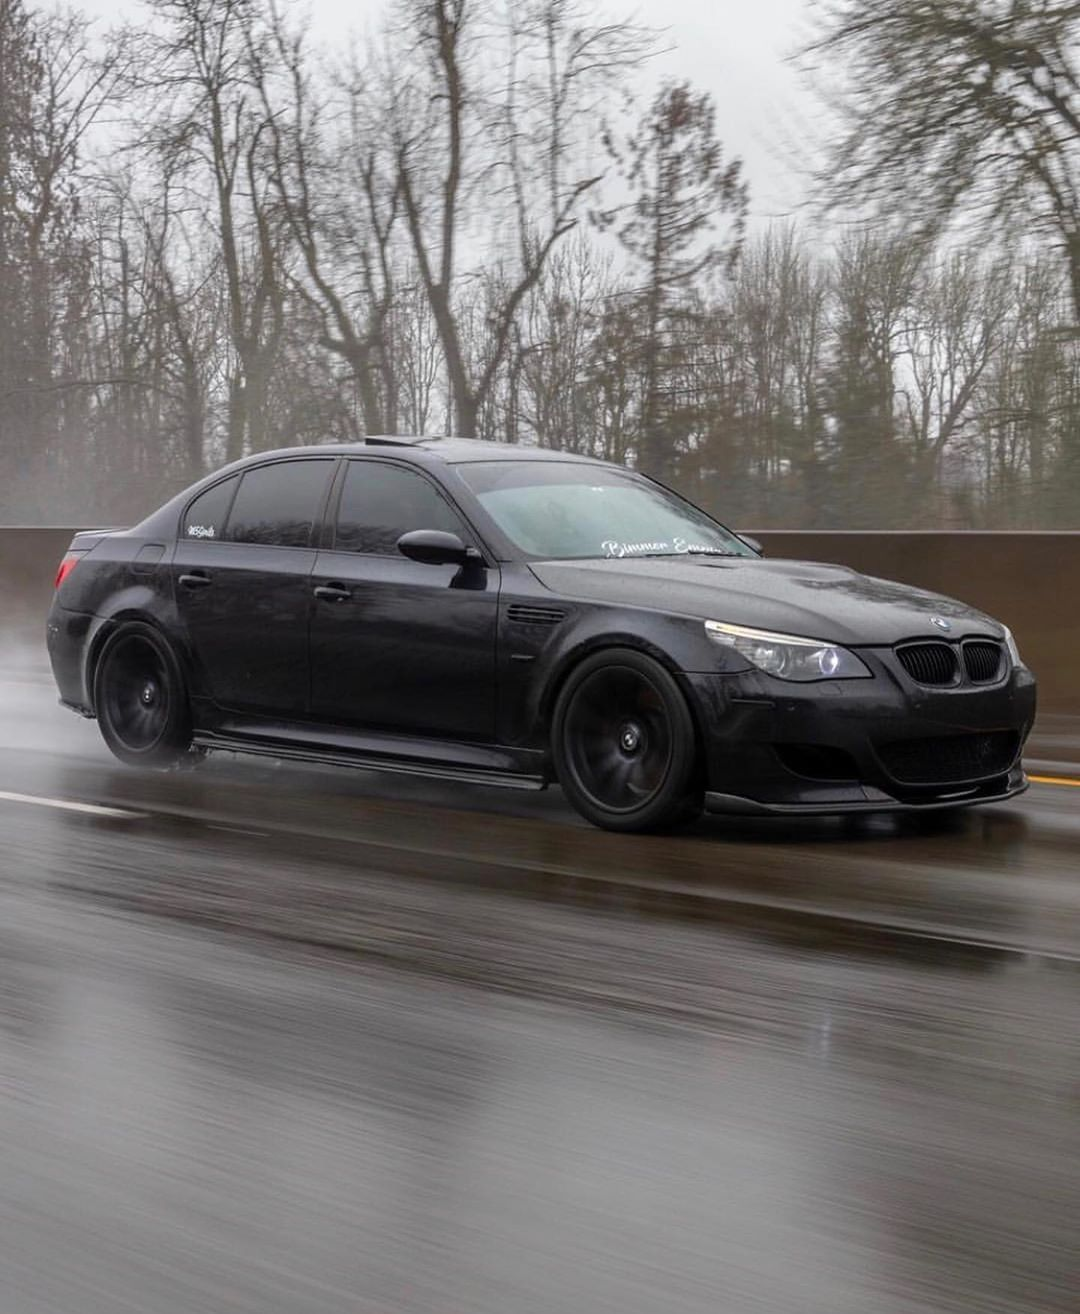 Bmw E60 M5 Black With Images Bmw M5 Bmw M5 E60 Bmw Cars